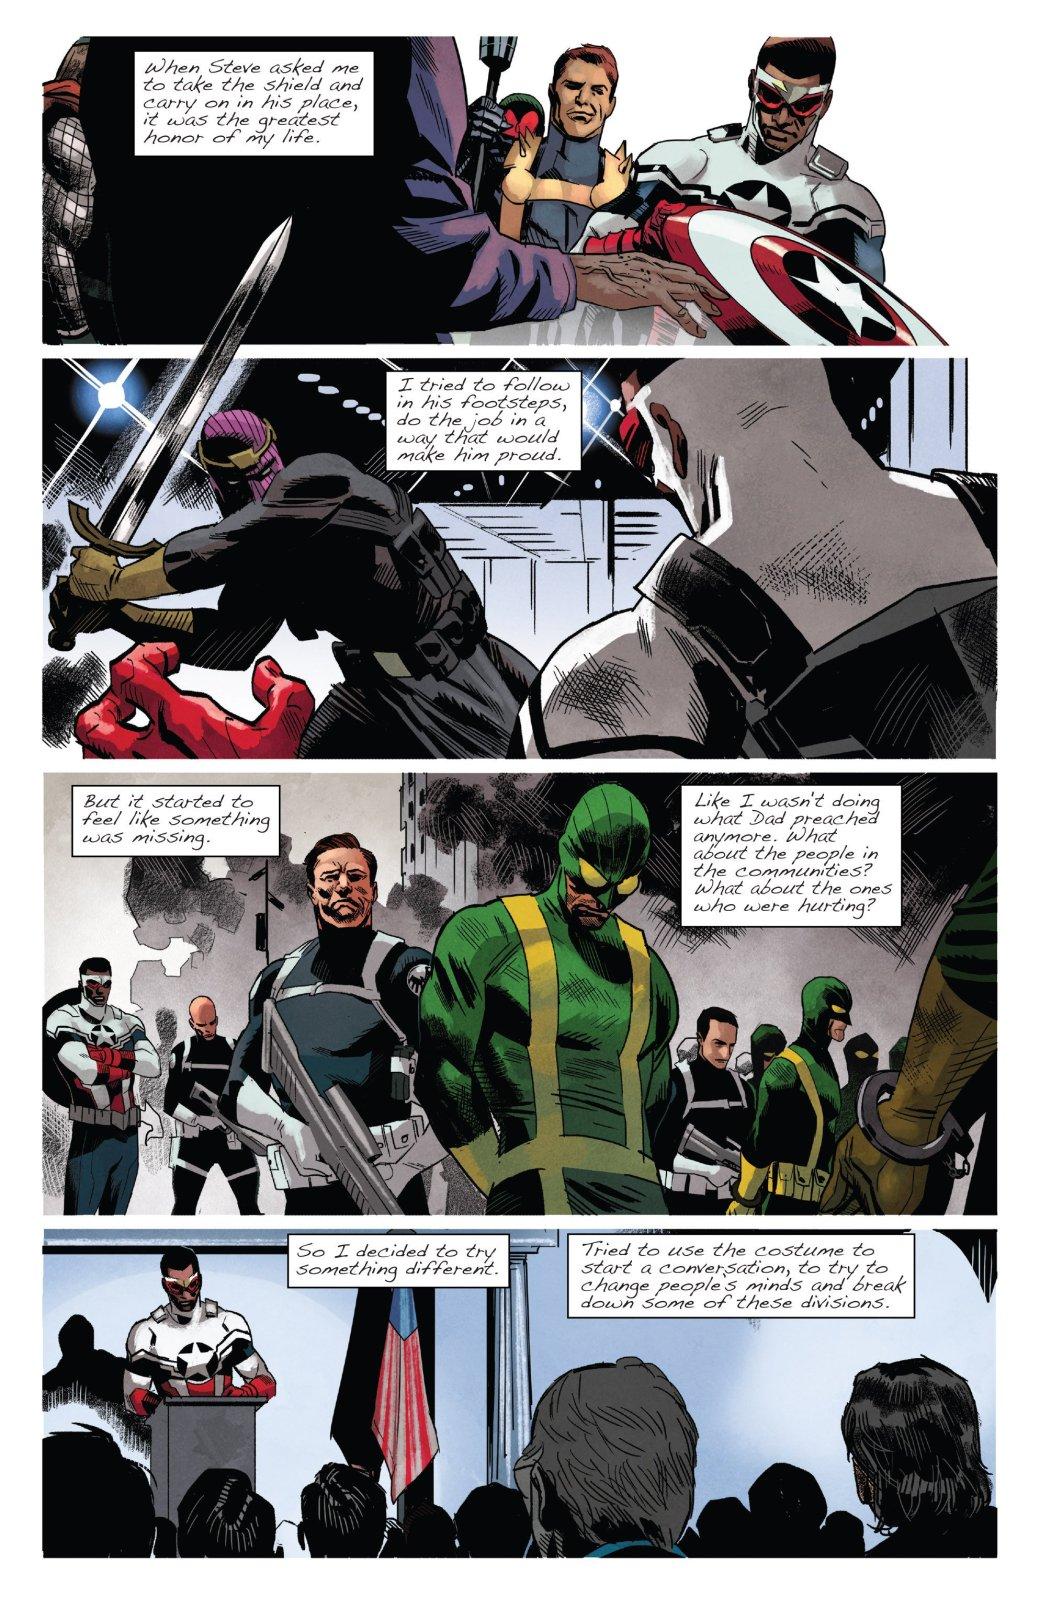 Остался только один: почему второй Капитан Америка отказался от щита. - Изображение 2